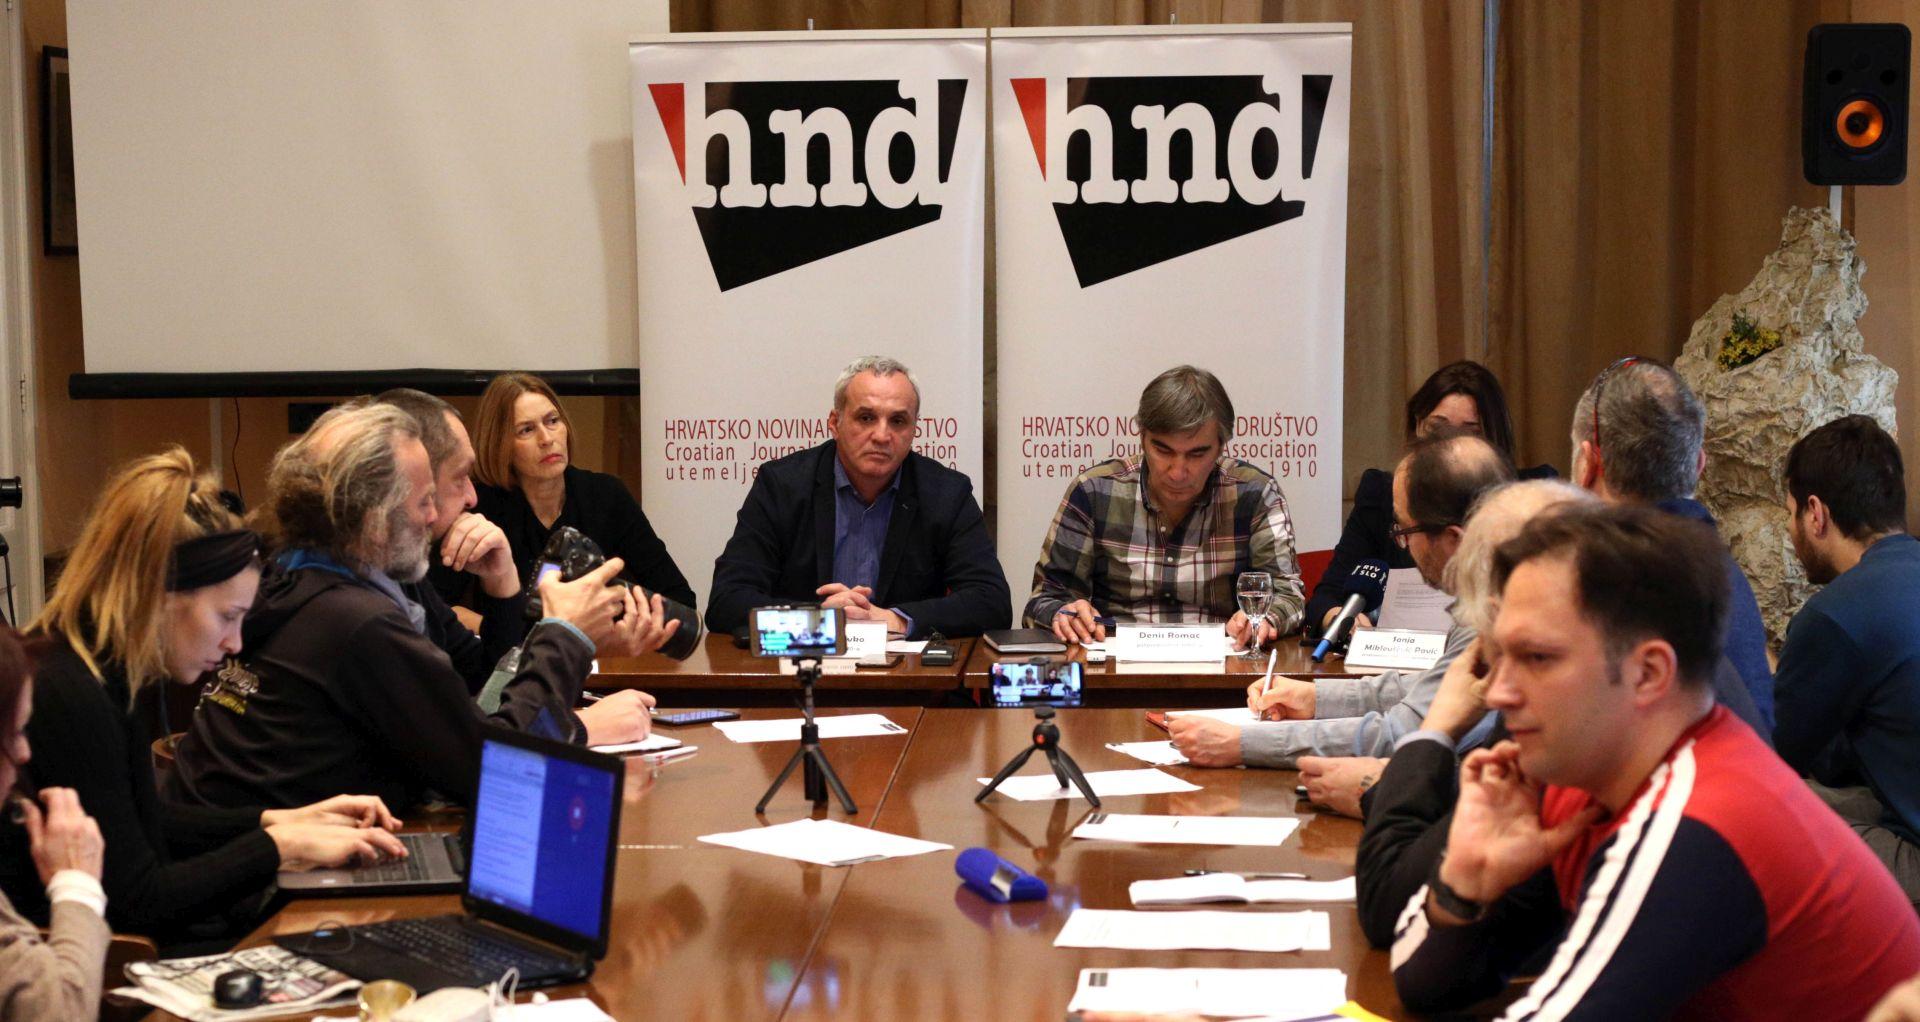 MEDIJI Otkazi na HRT-u, tužbe i presuda protiv HND-a